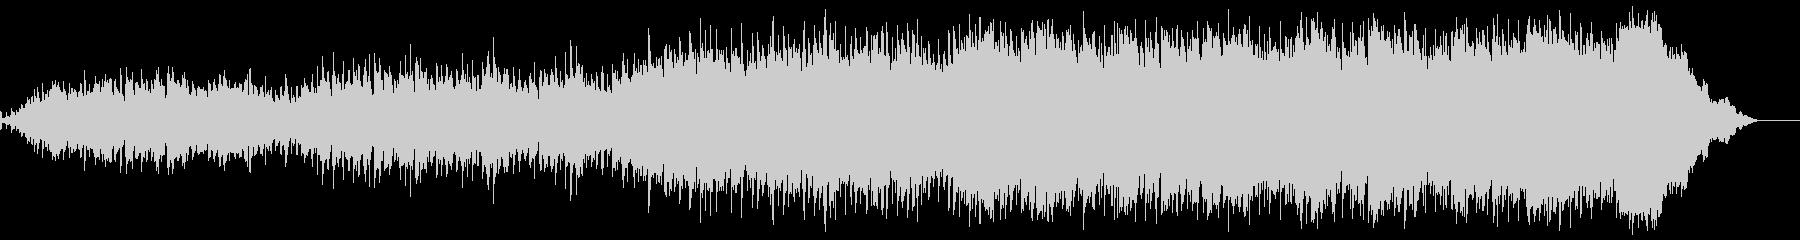 クールなサントラのようなロックの未再生の波形